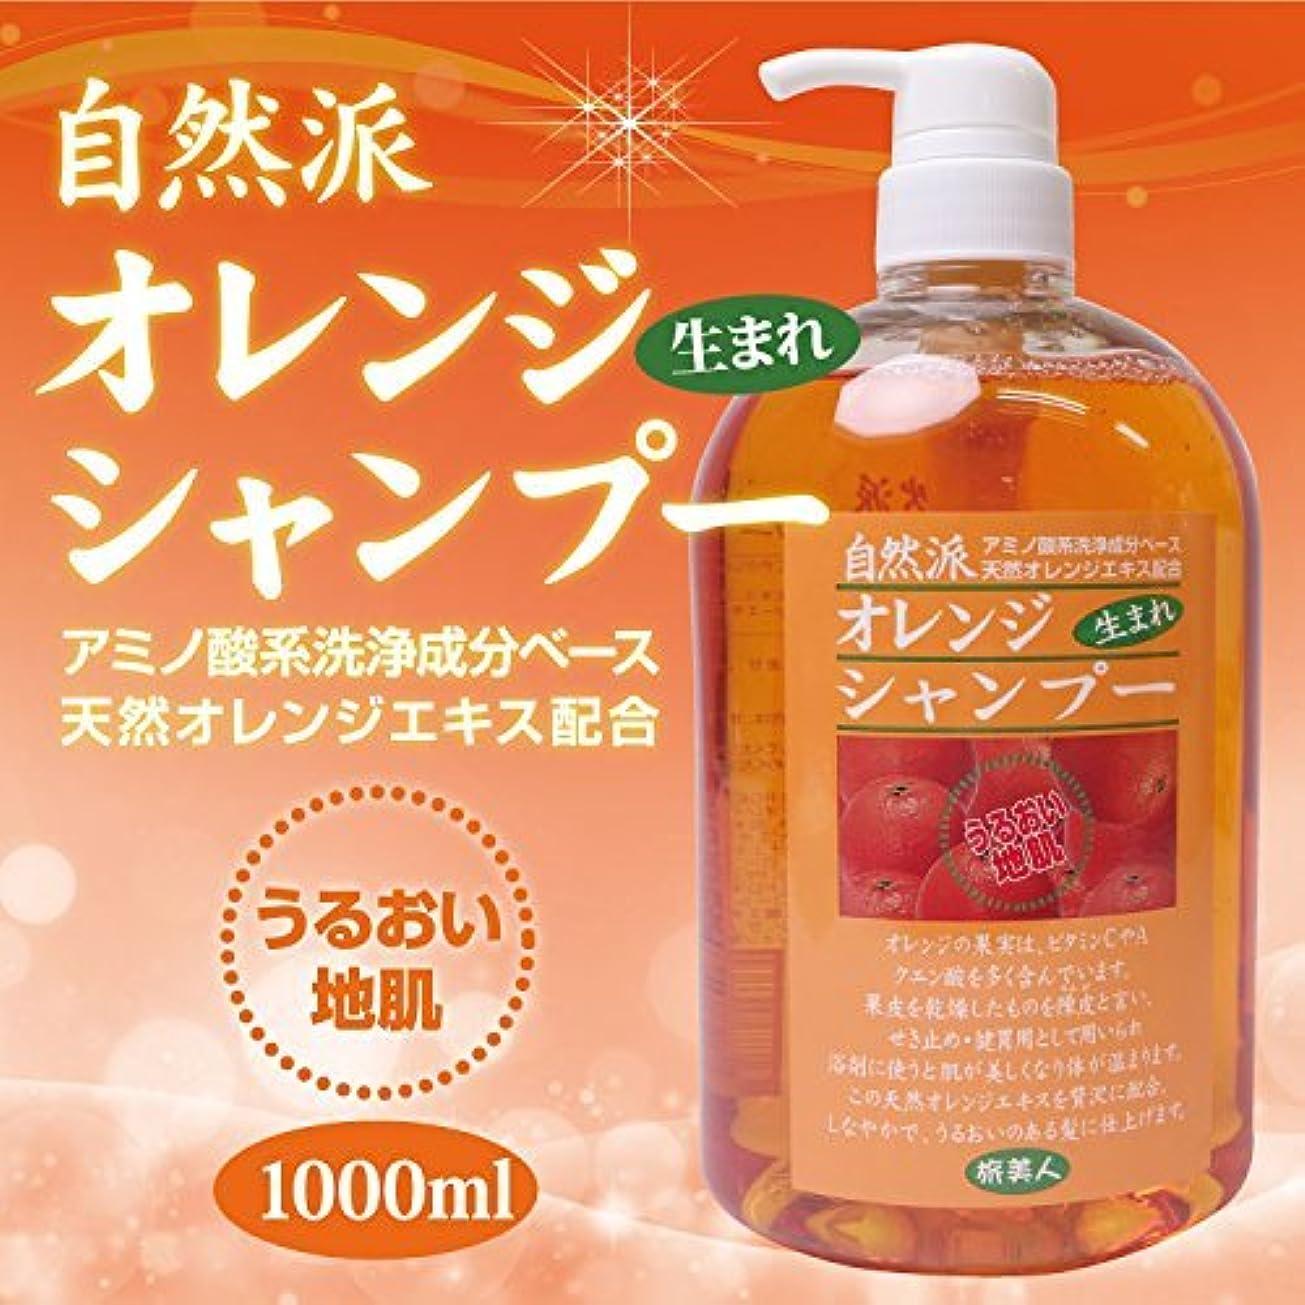 アズマ商事の 自然派 オレンジシャンプー 1000ml